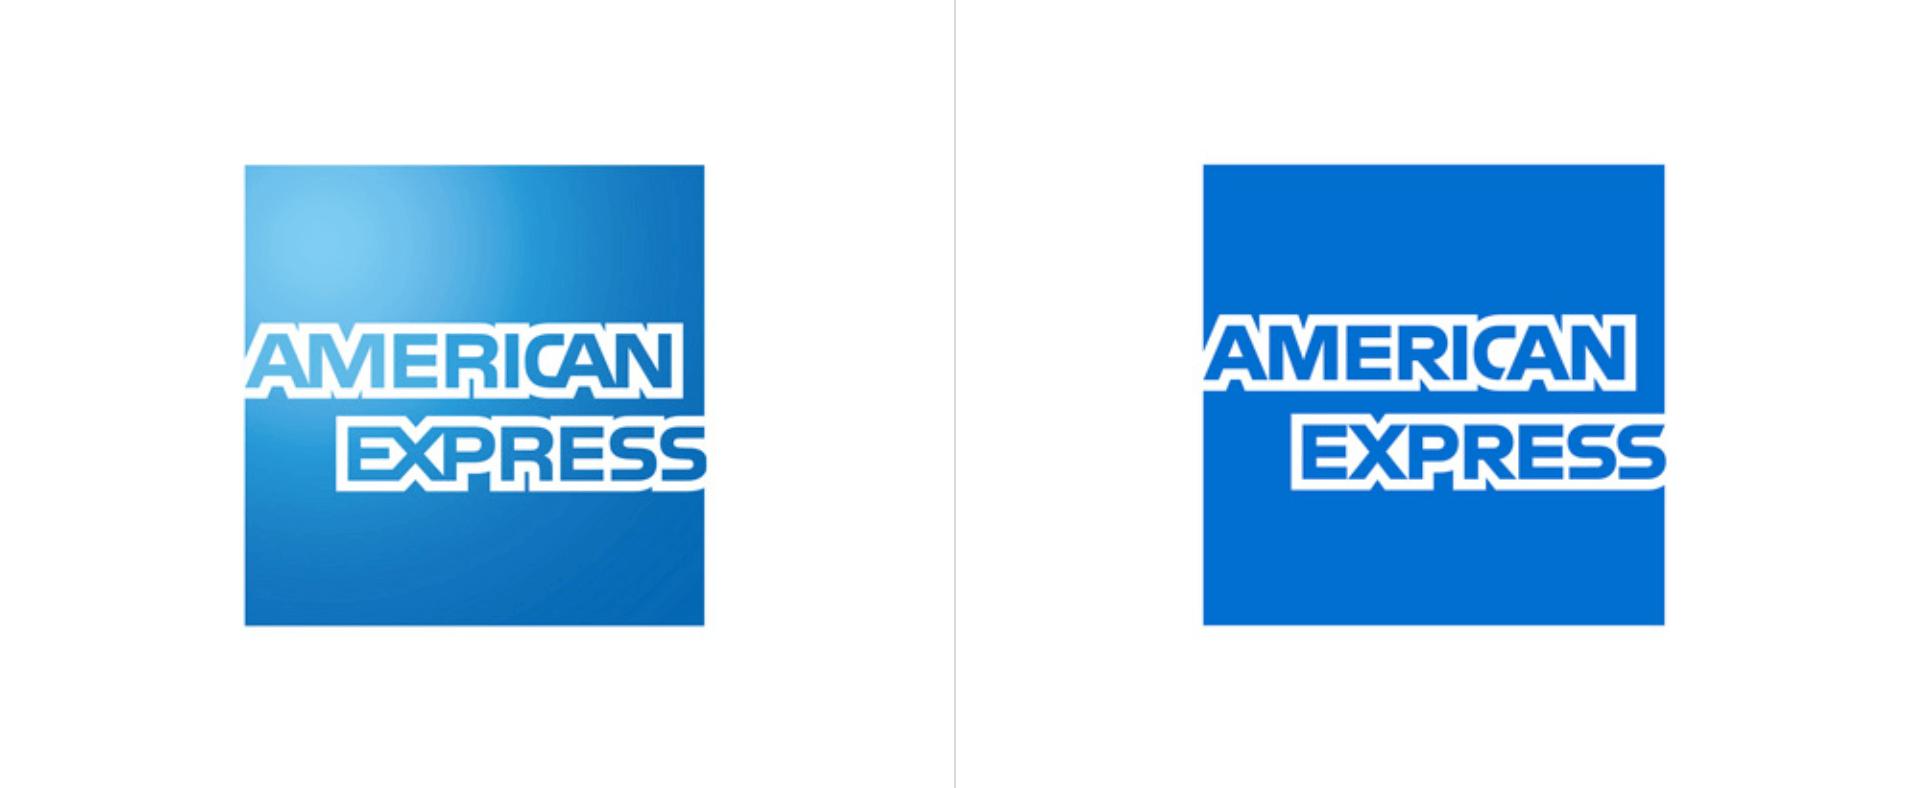 Amex contemporary logo trend